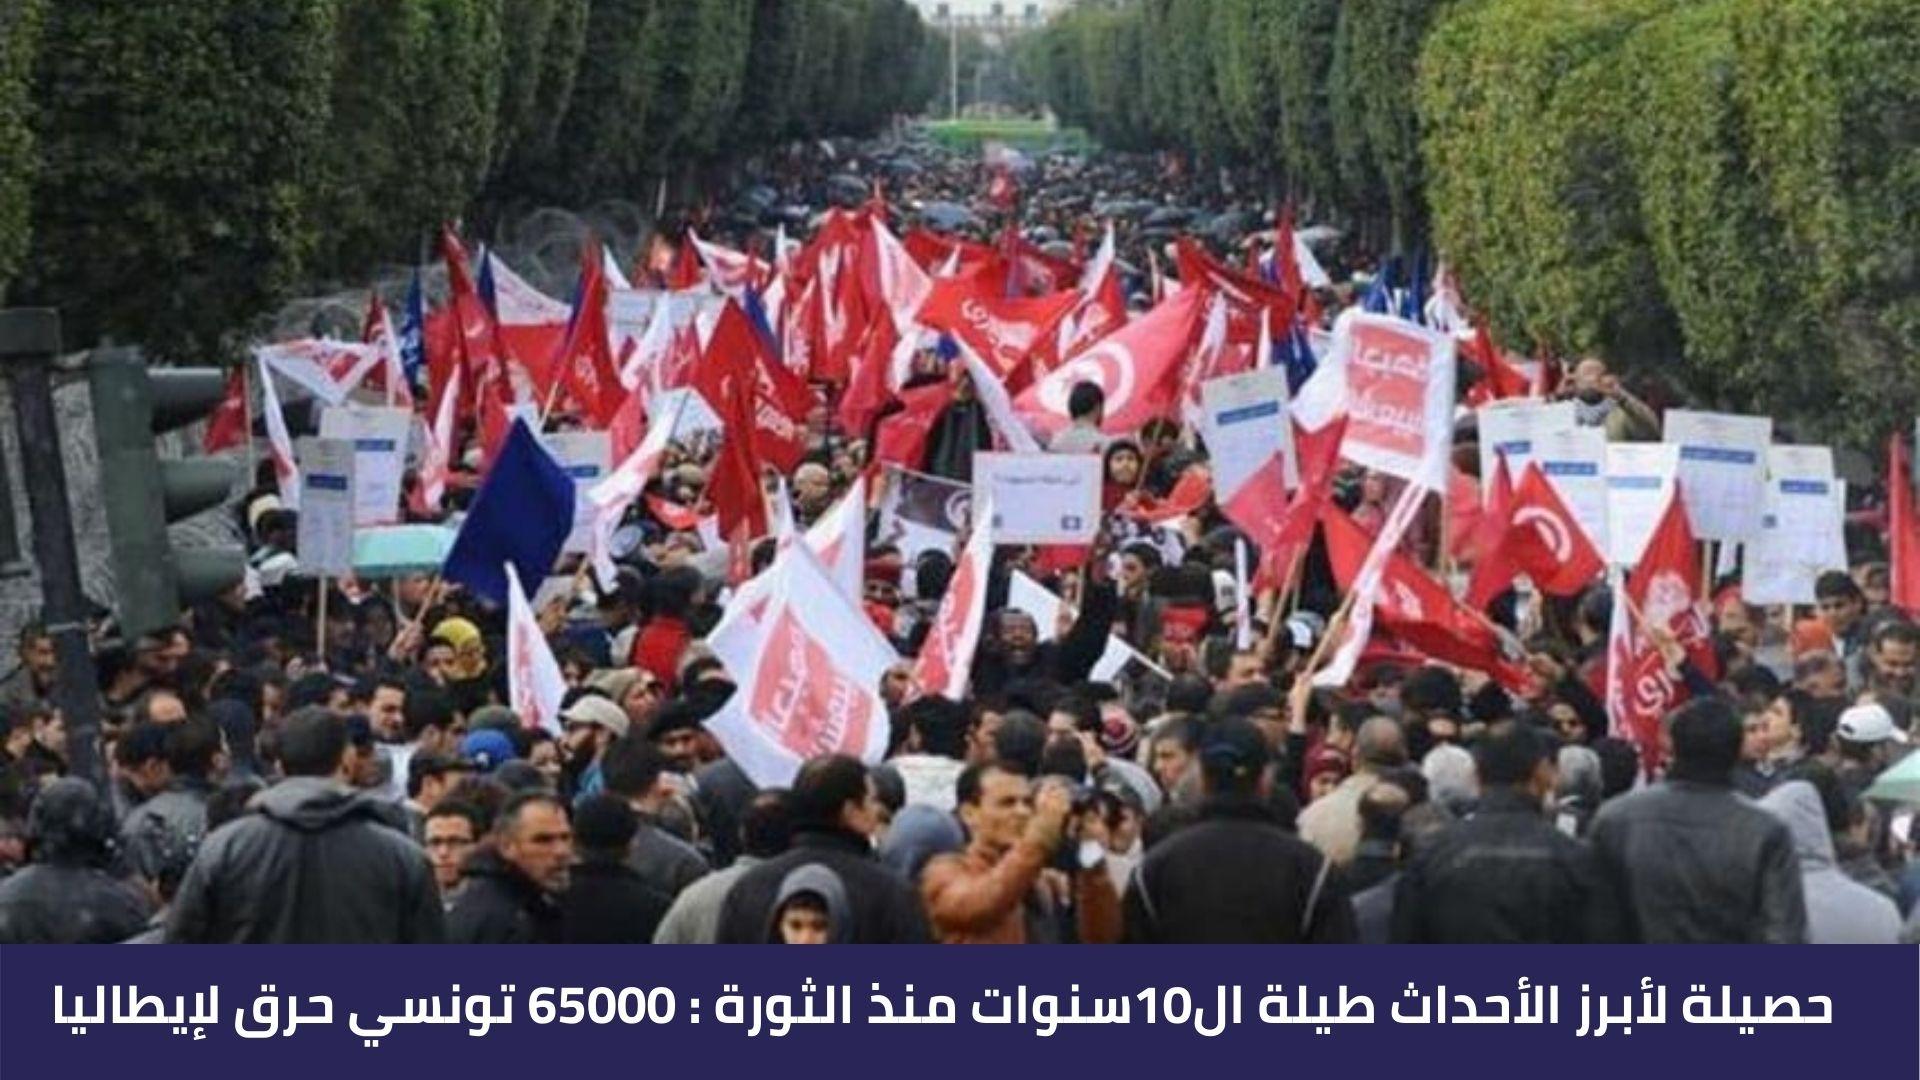 حصيلة لأبرز الأحداث طيلة ال10سنوات منذ الثورة : 65000 تونسي حرق لإيطاليا